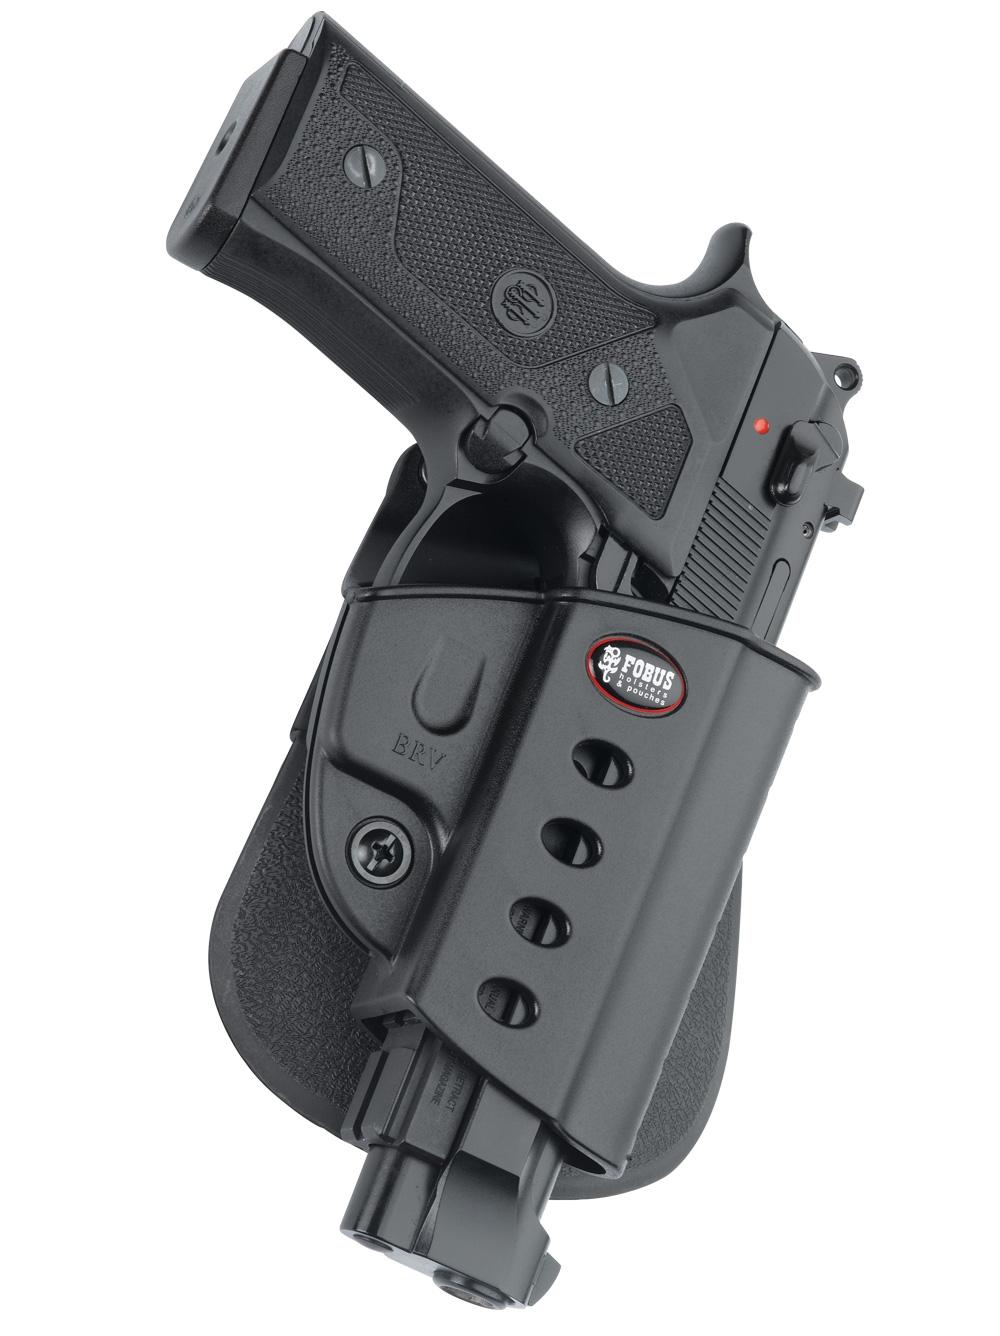 Fobus – Beretta Vertec & Elite .40cal, 92A1, 96A1, 92FS, 92FS Compact, M9A3